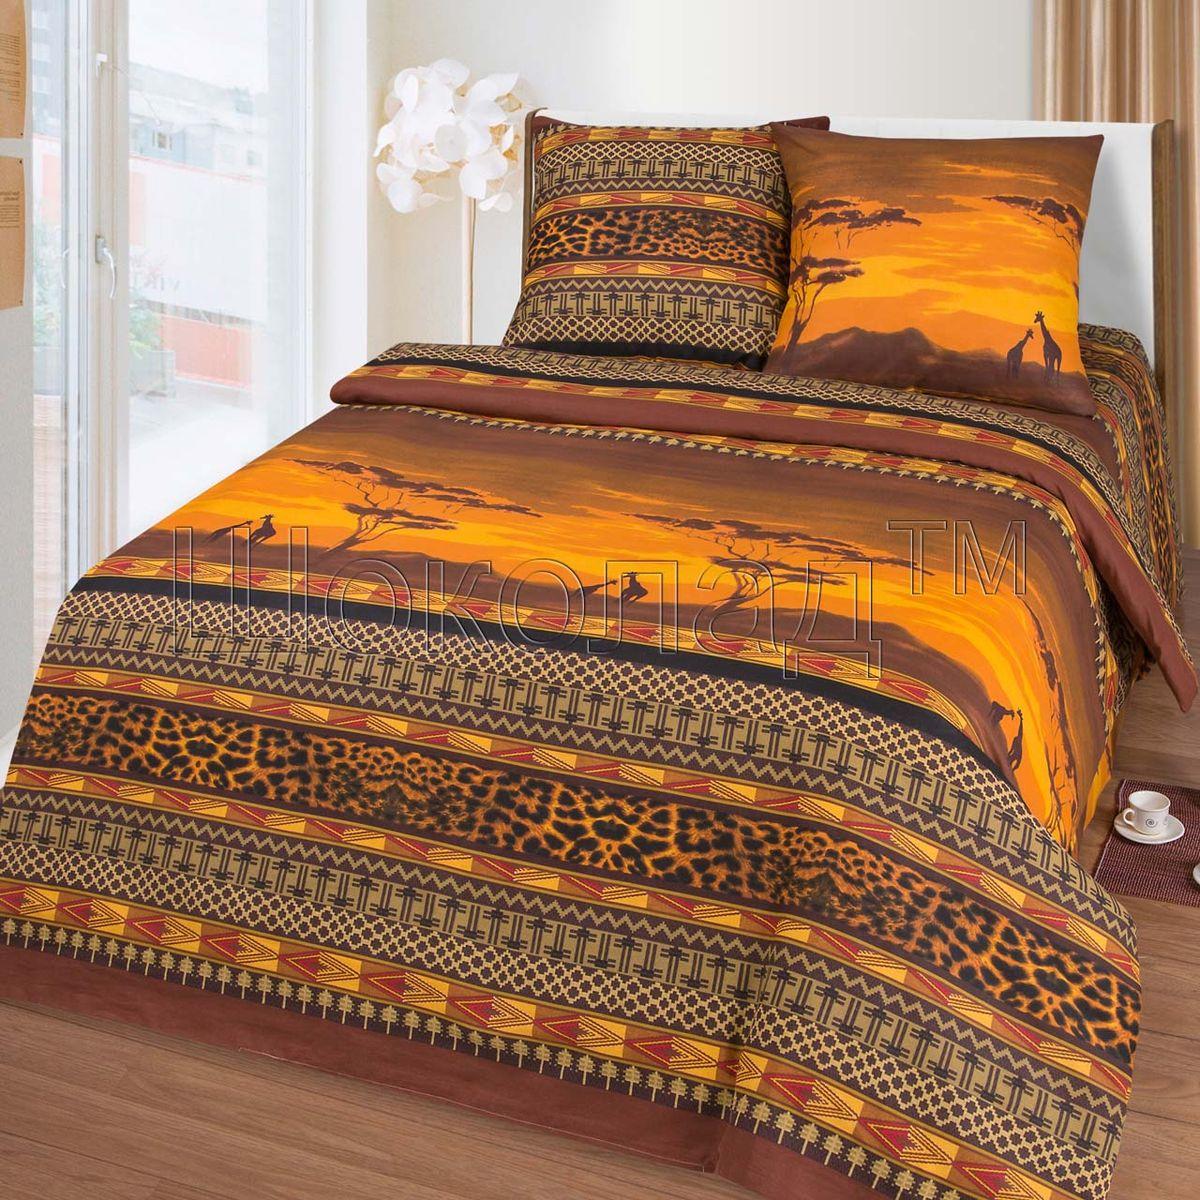 Комплект белья Шоколад Кения, 2-спальный с простыней евро, наволочки 70x70. Б109704037Комплект постельного белья Шоколад Кения является экологически безопасным для всей семьи, так как выполнен из натурального хлопка. Комплект состоит из пододеяльника, простыни и двух наволочек. Постельное белье оформлено оригинальным рисунком и имеет изысканный внешний вид.Бязь - это ткань полотняного переплетения, изготовленная из экологически чистого и натурального 100% хлопка. Она прочная, мягкая, обладает низкой сминаемостью, легко стирается и хорошо гладится. Бязь прекрасно пропускает воздух и за ней легко ухаживать. При соблюдении рекомендуемых условий стирки, сушки и глажения ткань имеет усадку по ГОСТу, сохранятся яркость текстильных рисунков. Приобретая комплект постельного белья Шоколад  Кения вы можете быть уверены в том, что покупка доставит вам и вашим близким удовольствие и подарит максимальный комфорт.